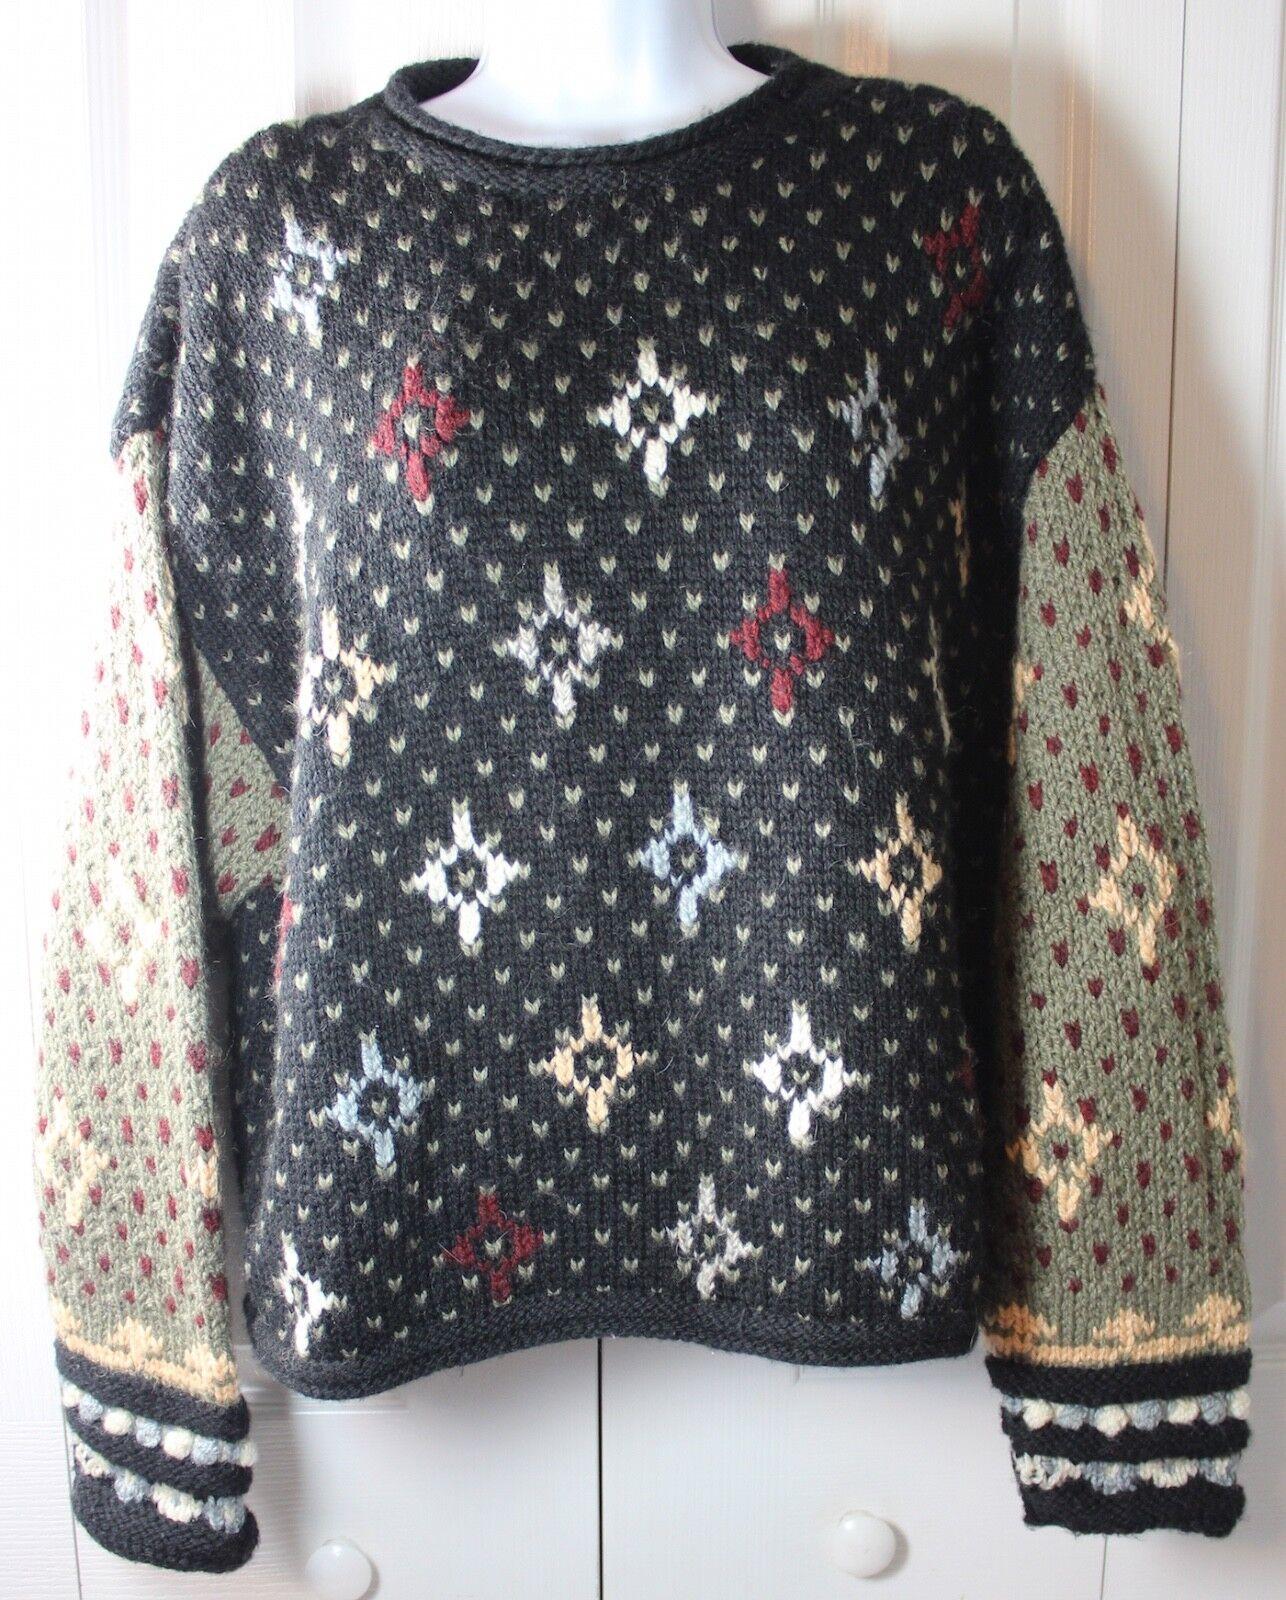 LL Bean Handknit Women's Medium Merino Wool Blend Sweater